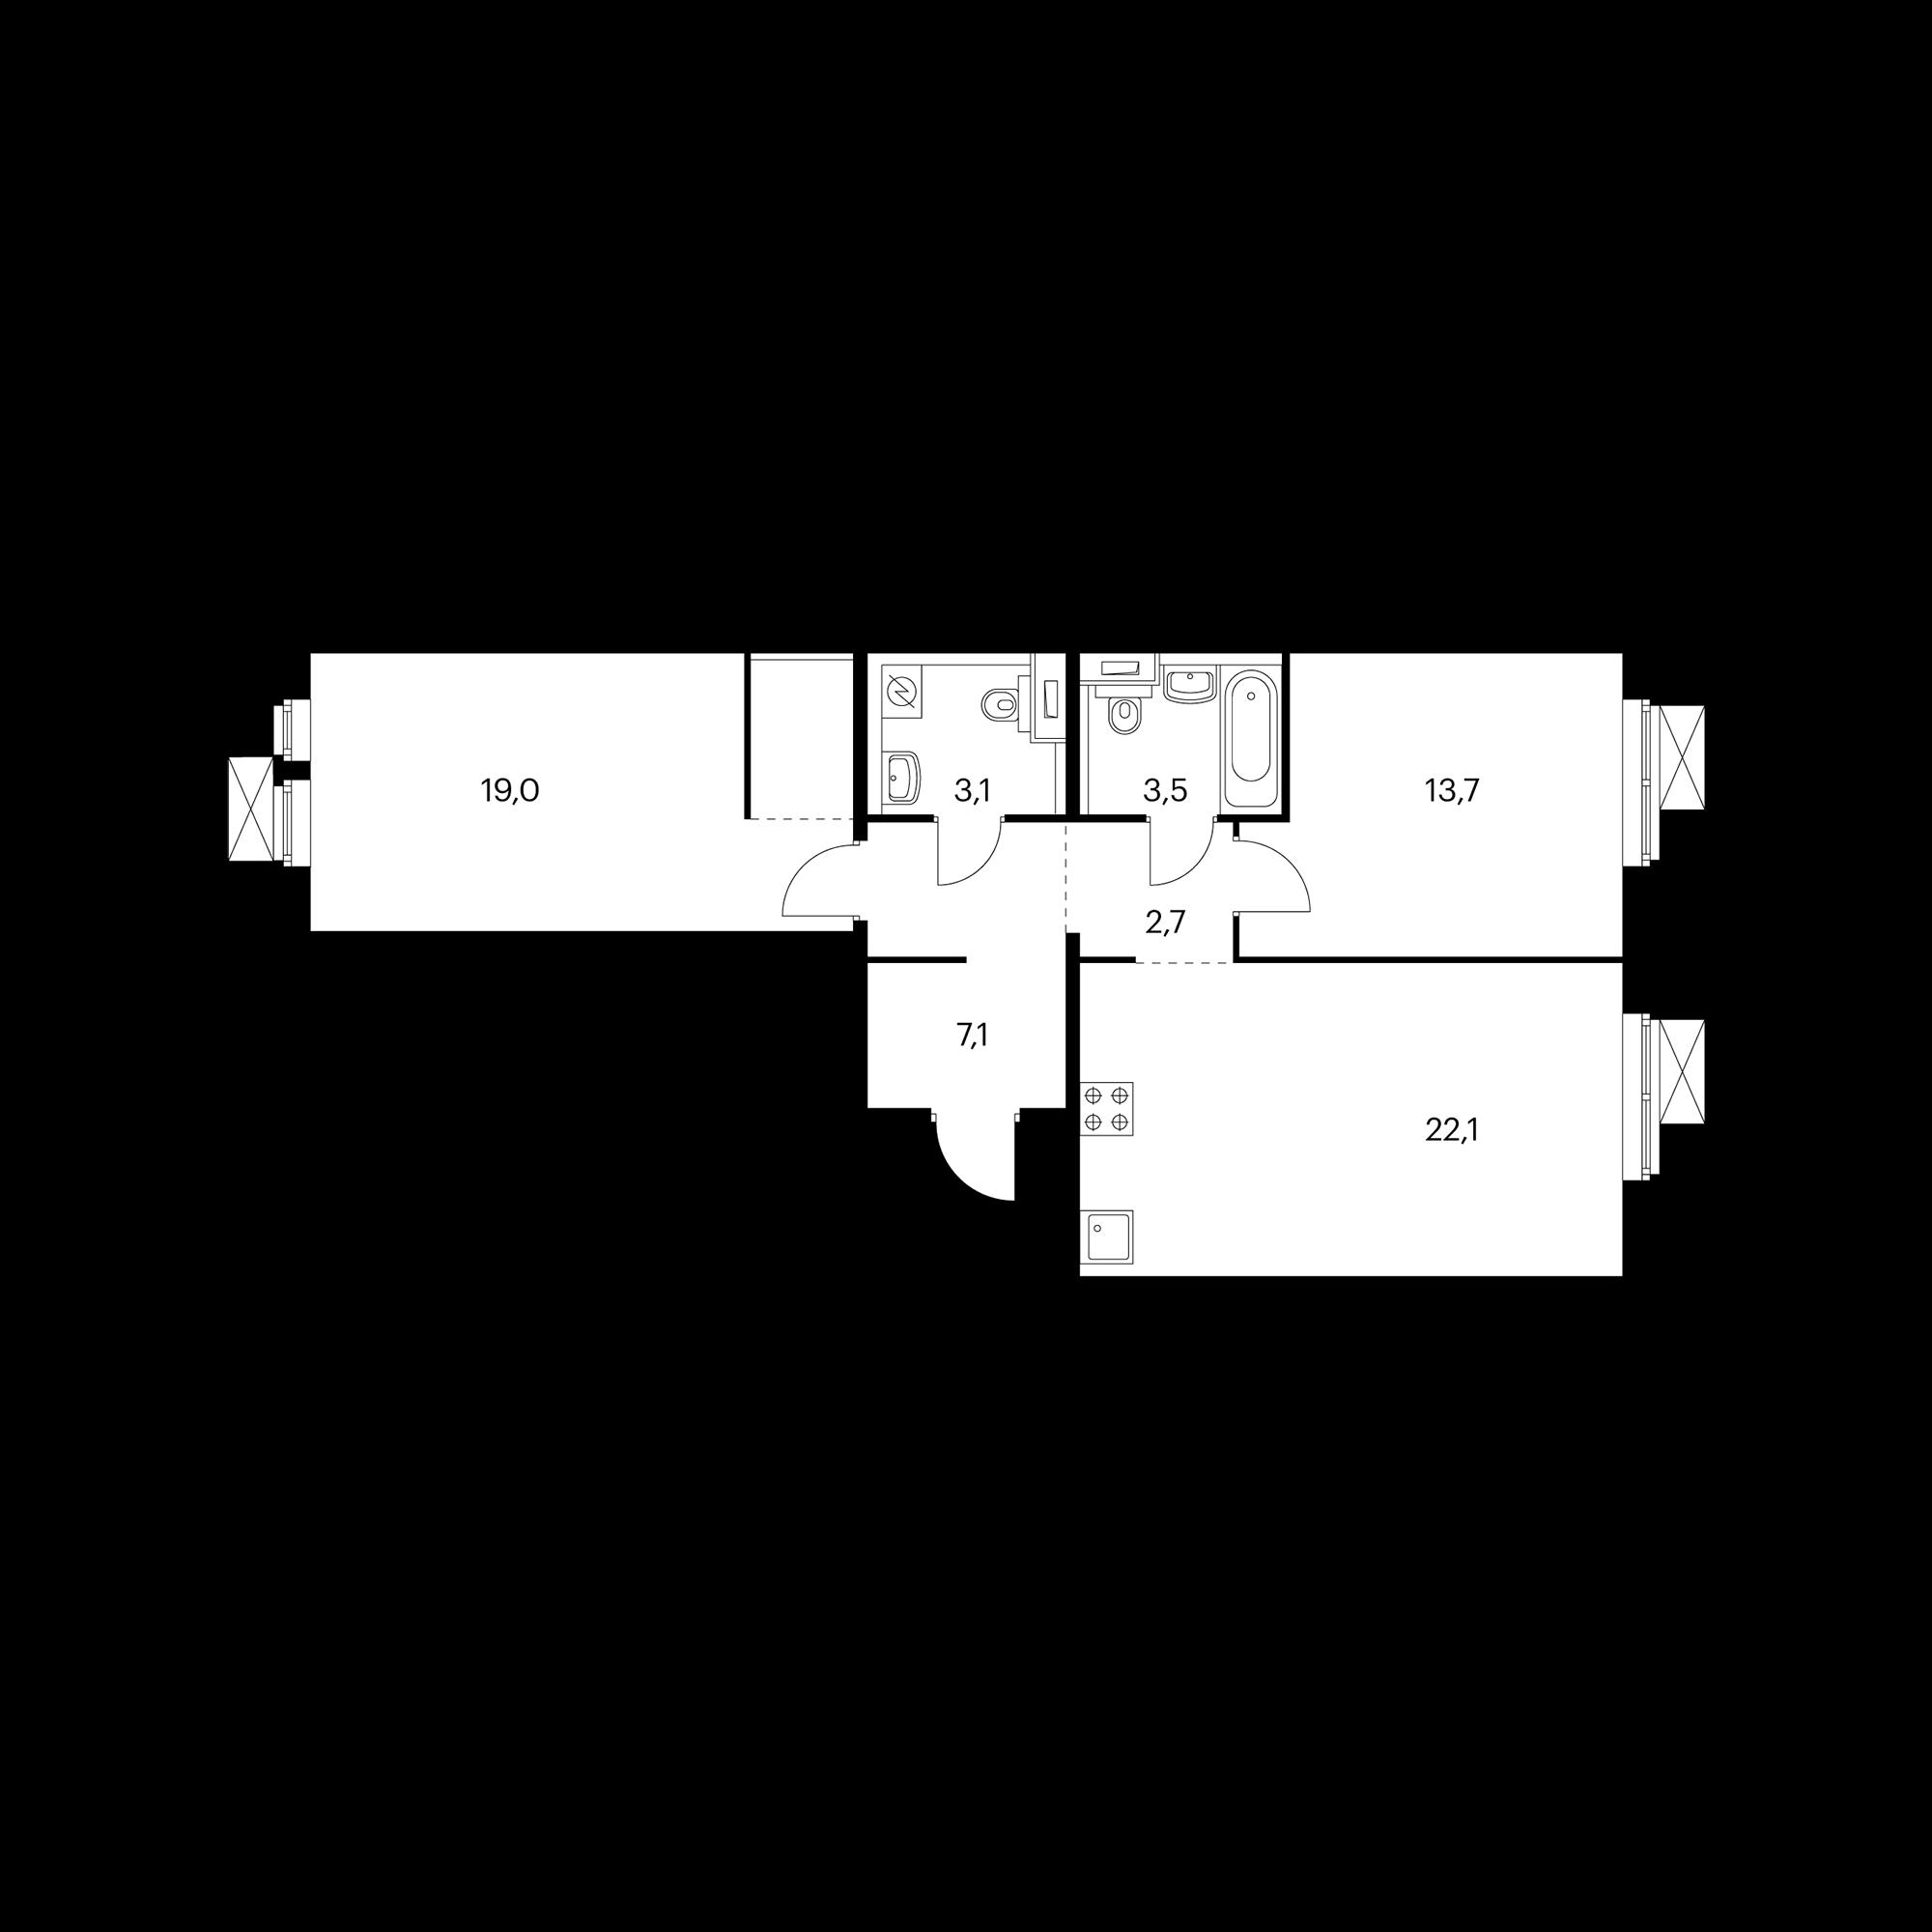 2-комнатная 71  м²